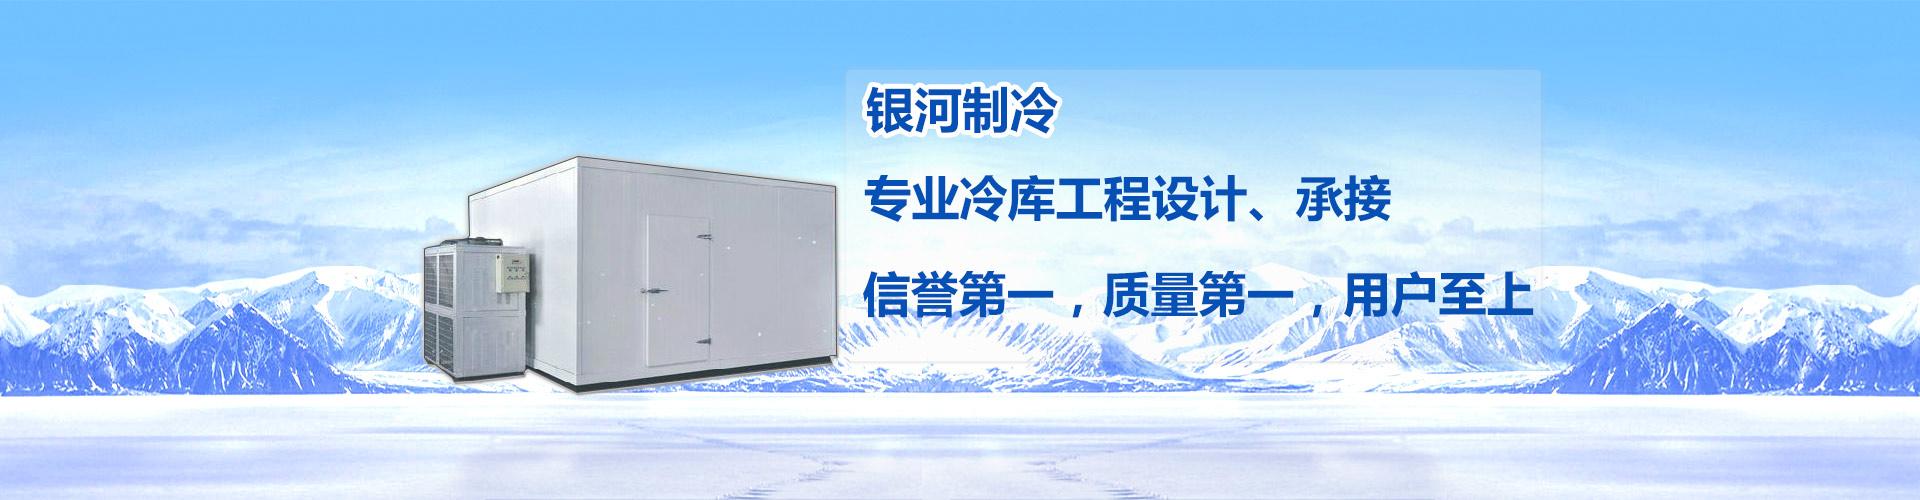 武汉制冷设备